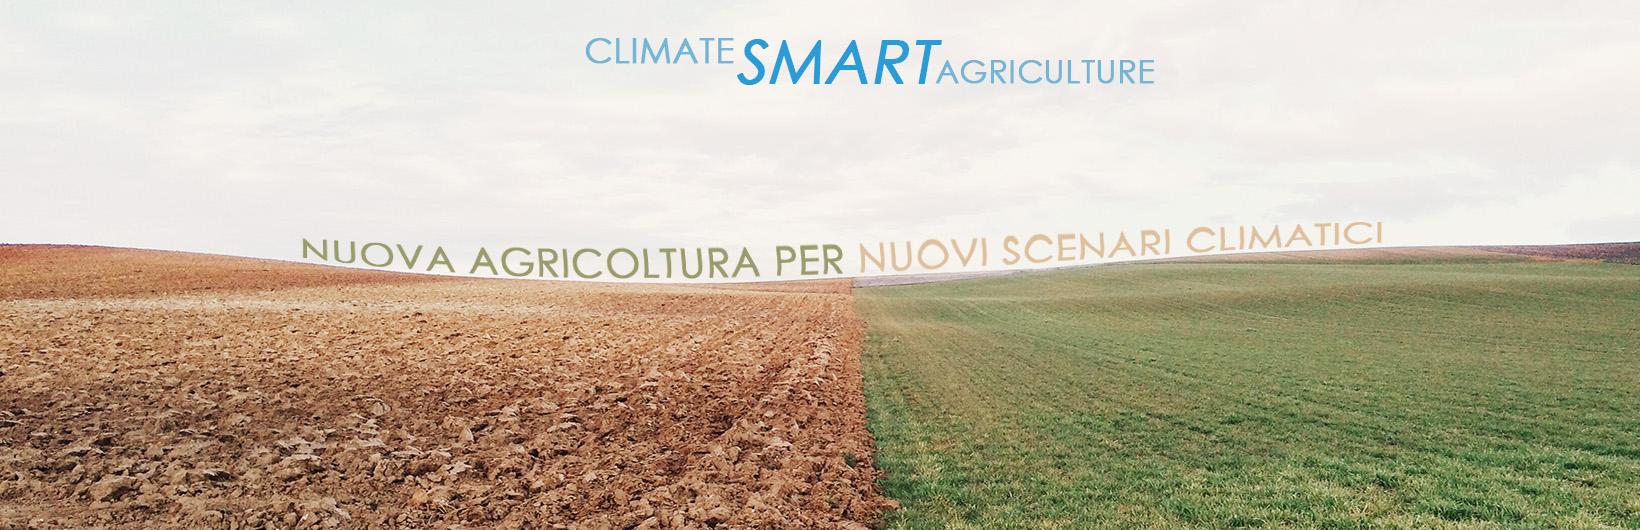 nuova agricoltura per nuovi scenari climatici